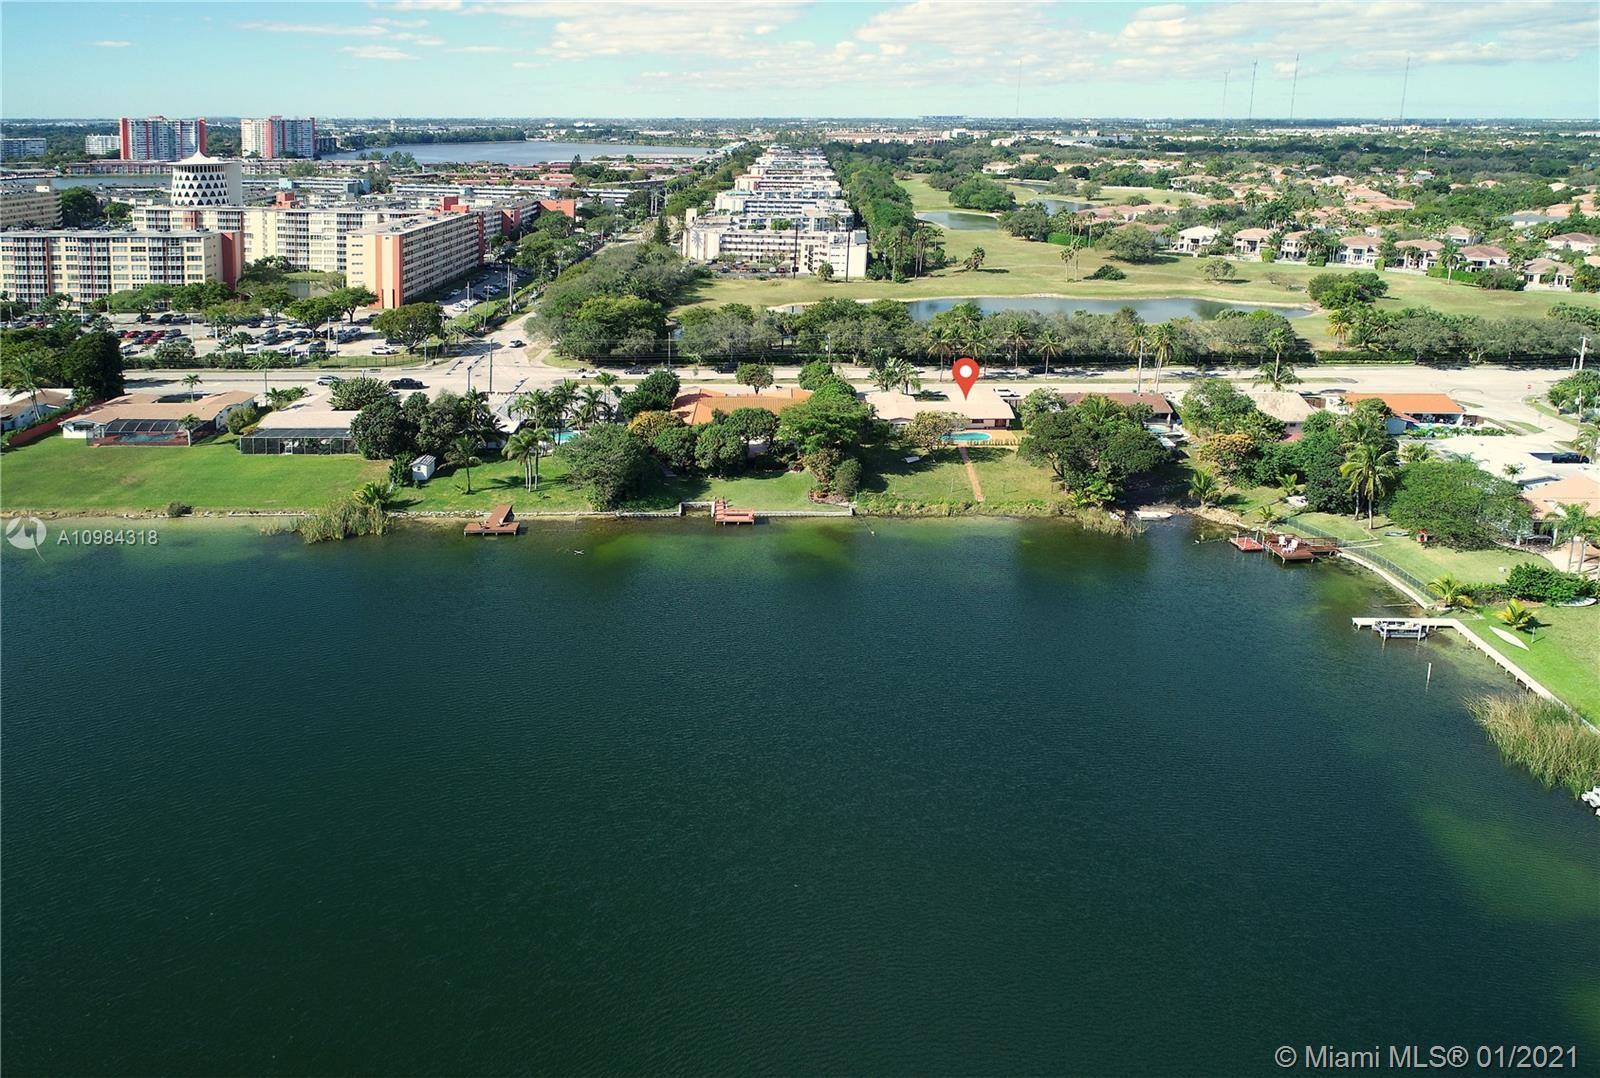 19201 NE 18th Ave, Miami, FL 33179 - #: A10984318